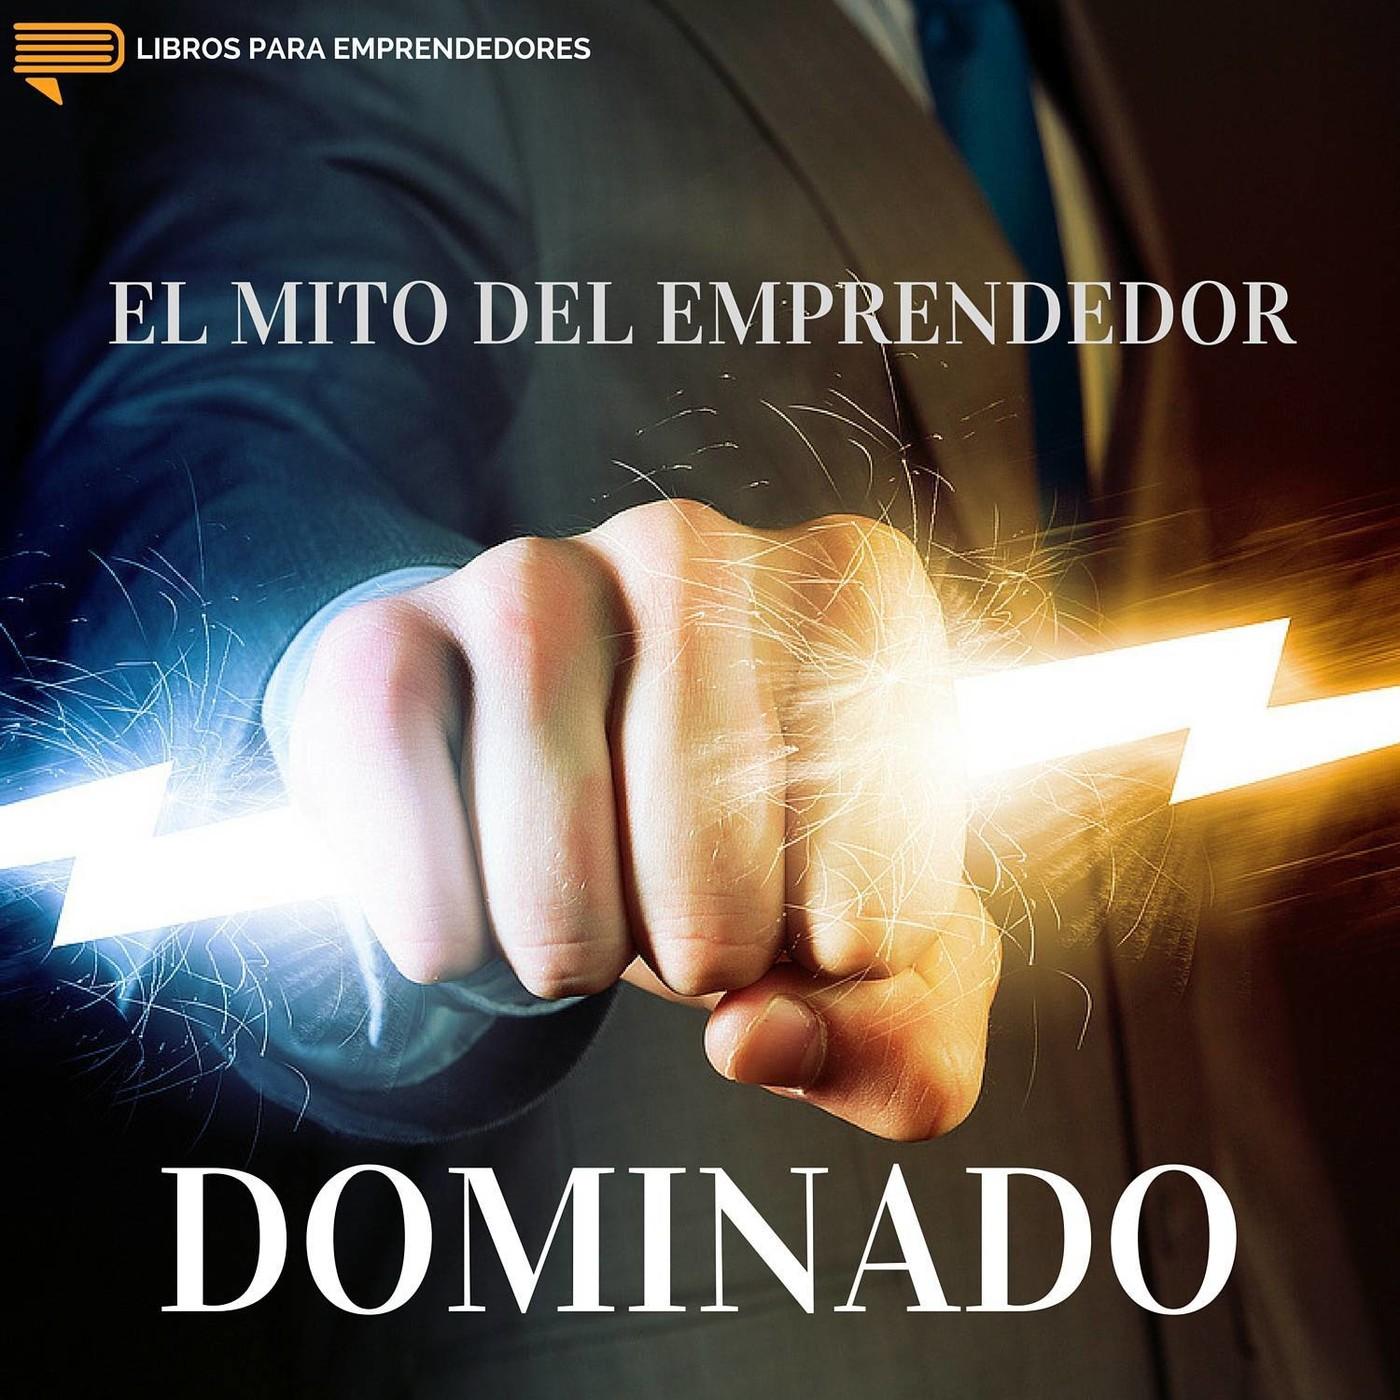 021 El Mito Del Emprendedor Dominado En Libros Para Emprendedores En Mp3 12 07 A Las 16 56 46